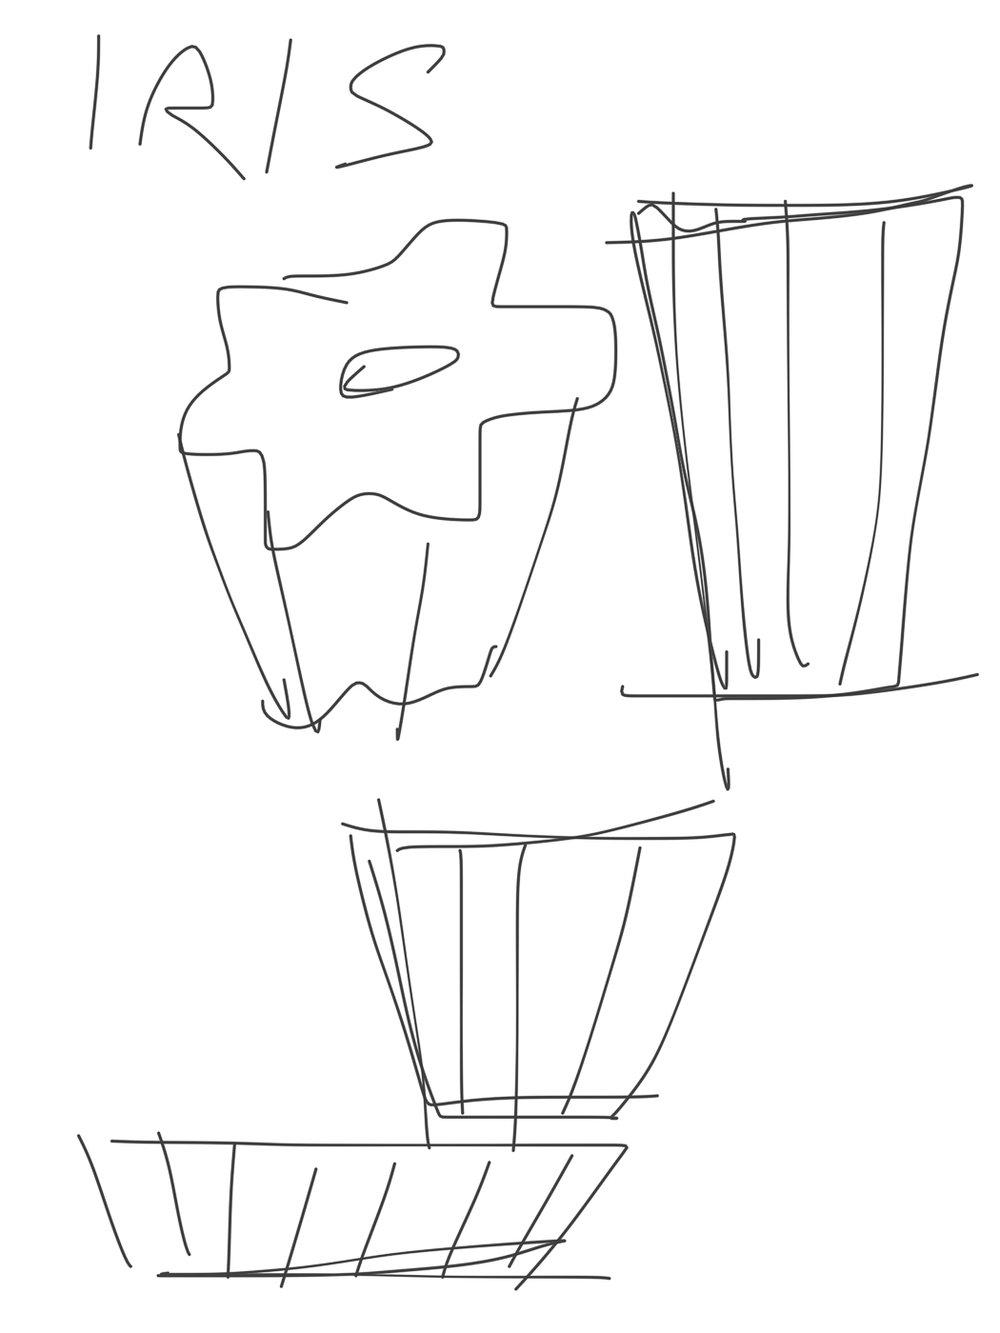 Sketch-337.jpg